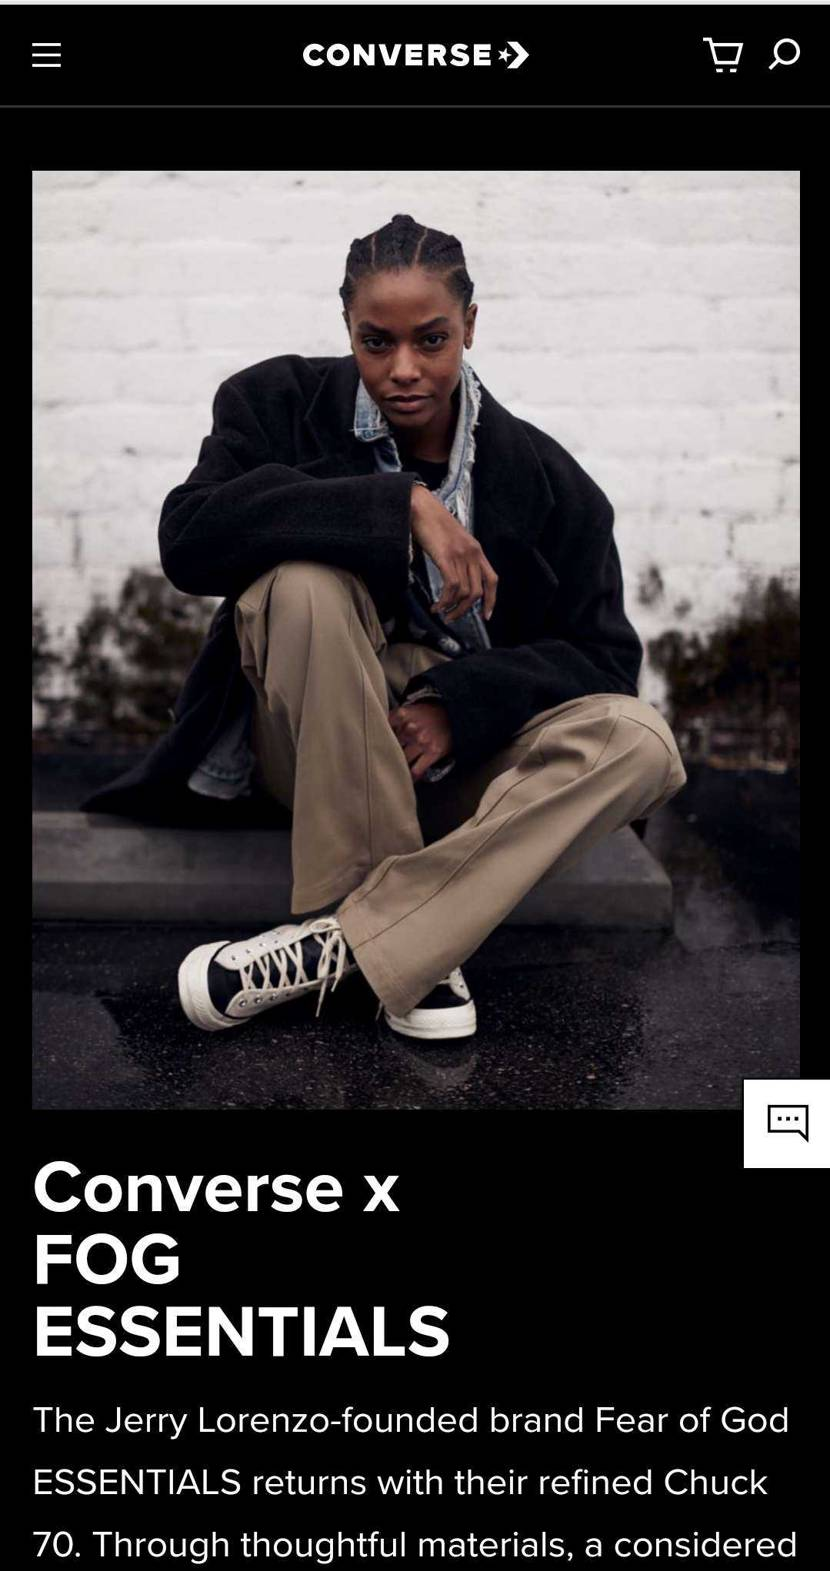 転送必須ですが、Converse USサイトでFear of Godが23時から